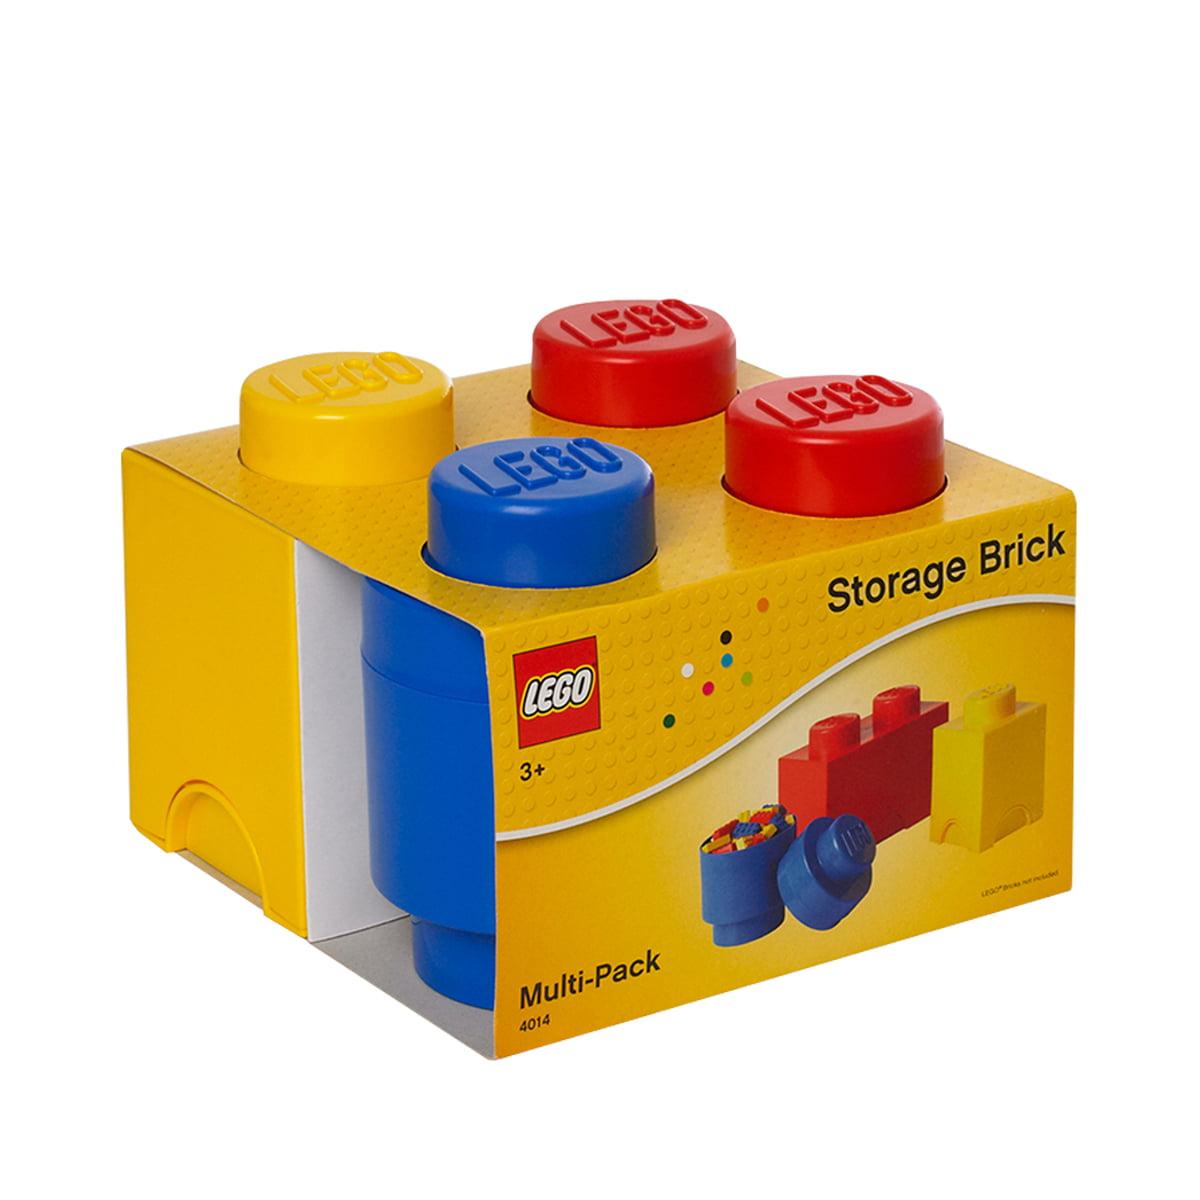 storage brick multipack set of 3 by lego. Black Bedroom Furniture Sets. Home Design Ideas